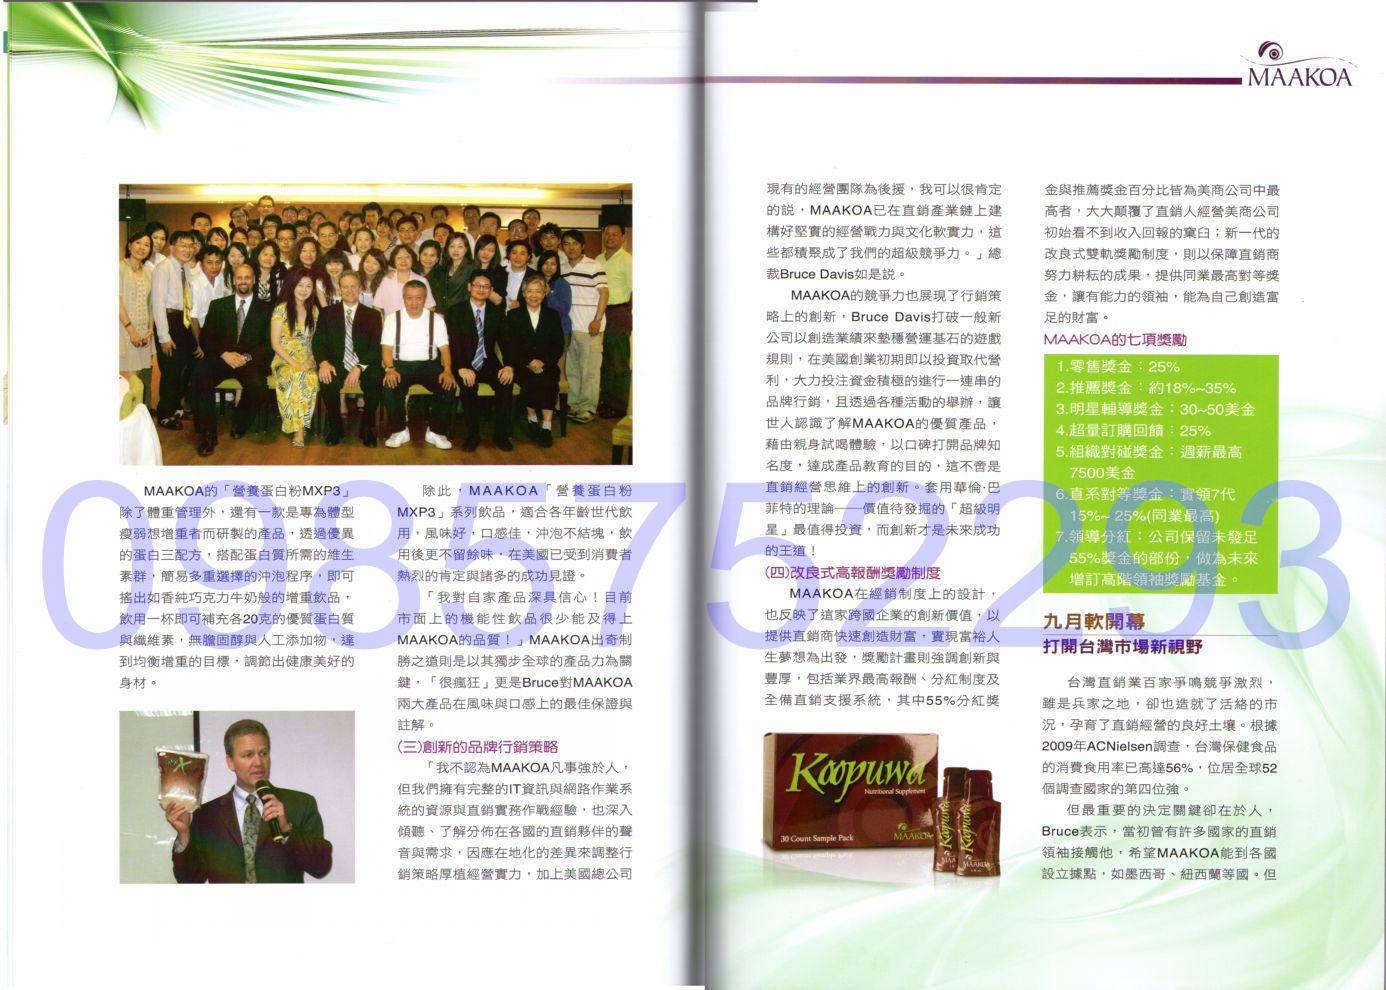 直銷世紀7月份雜誌內頁_6&7_J.jpg